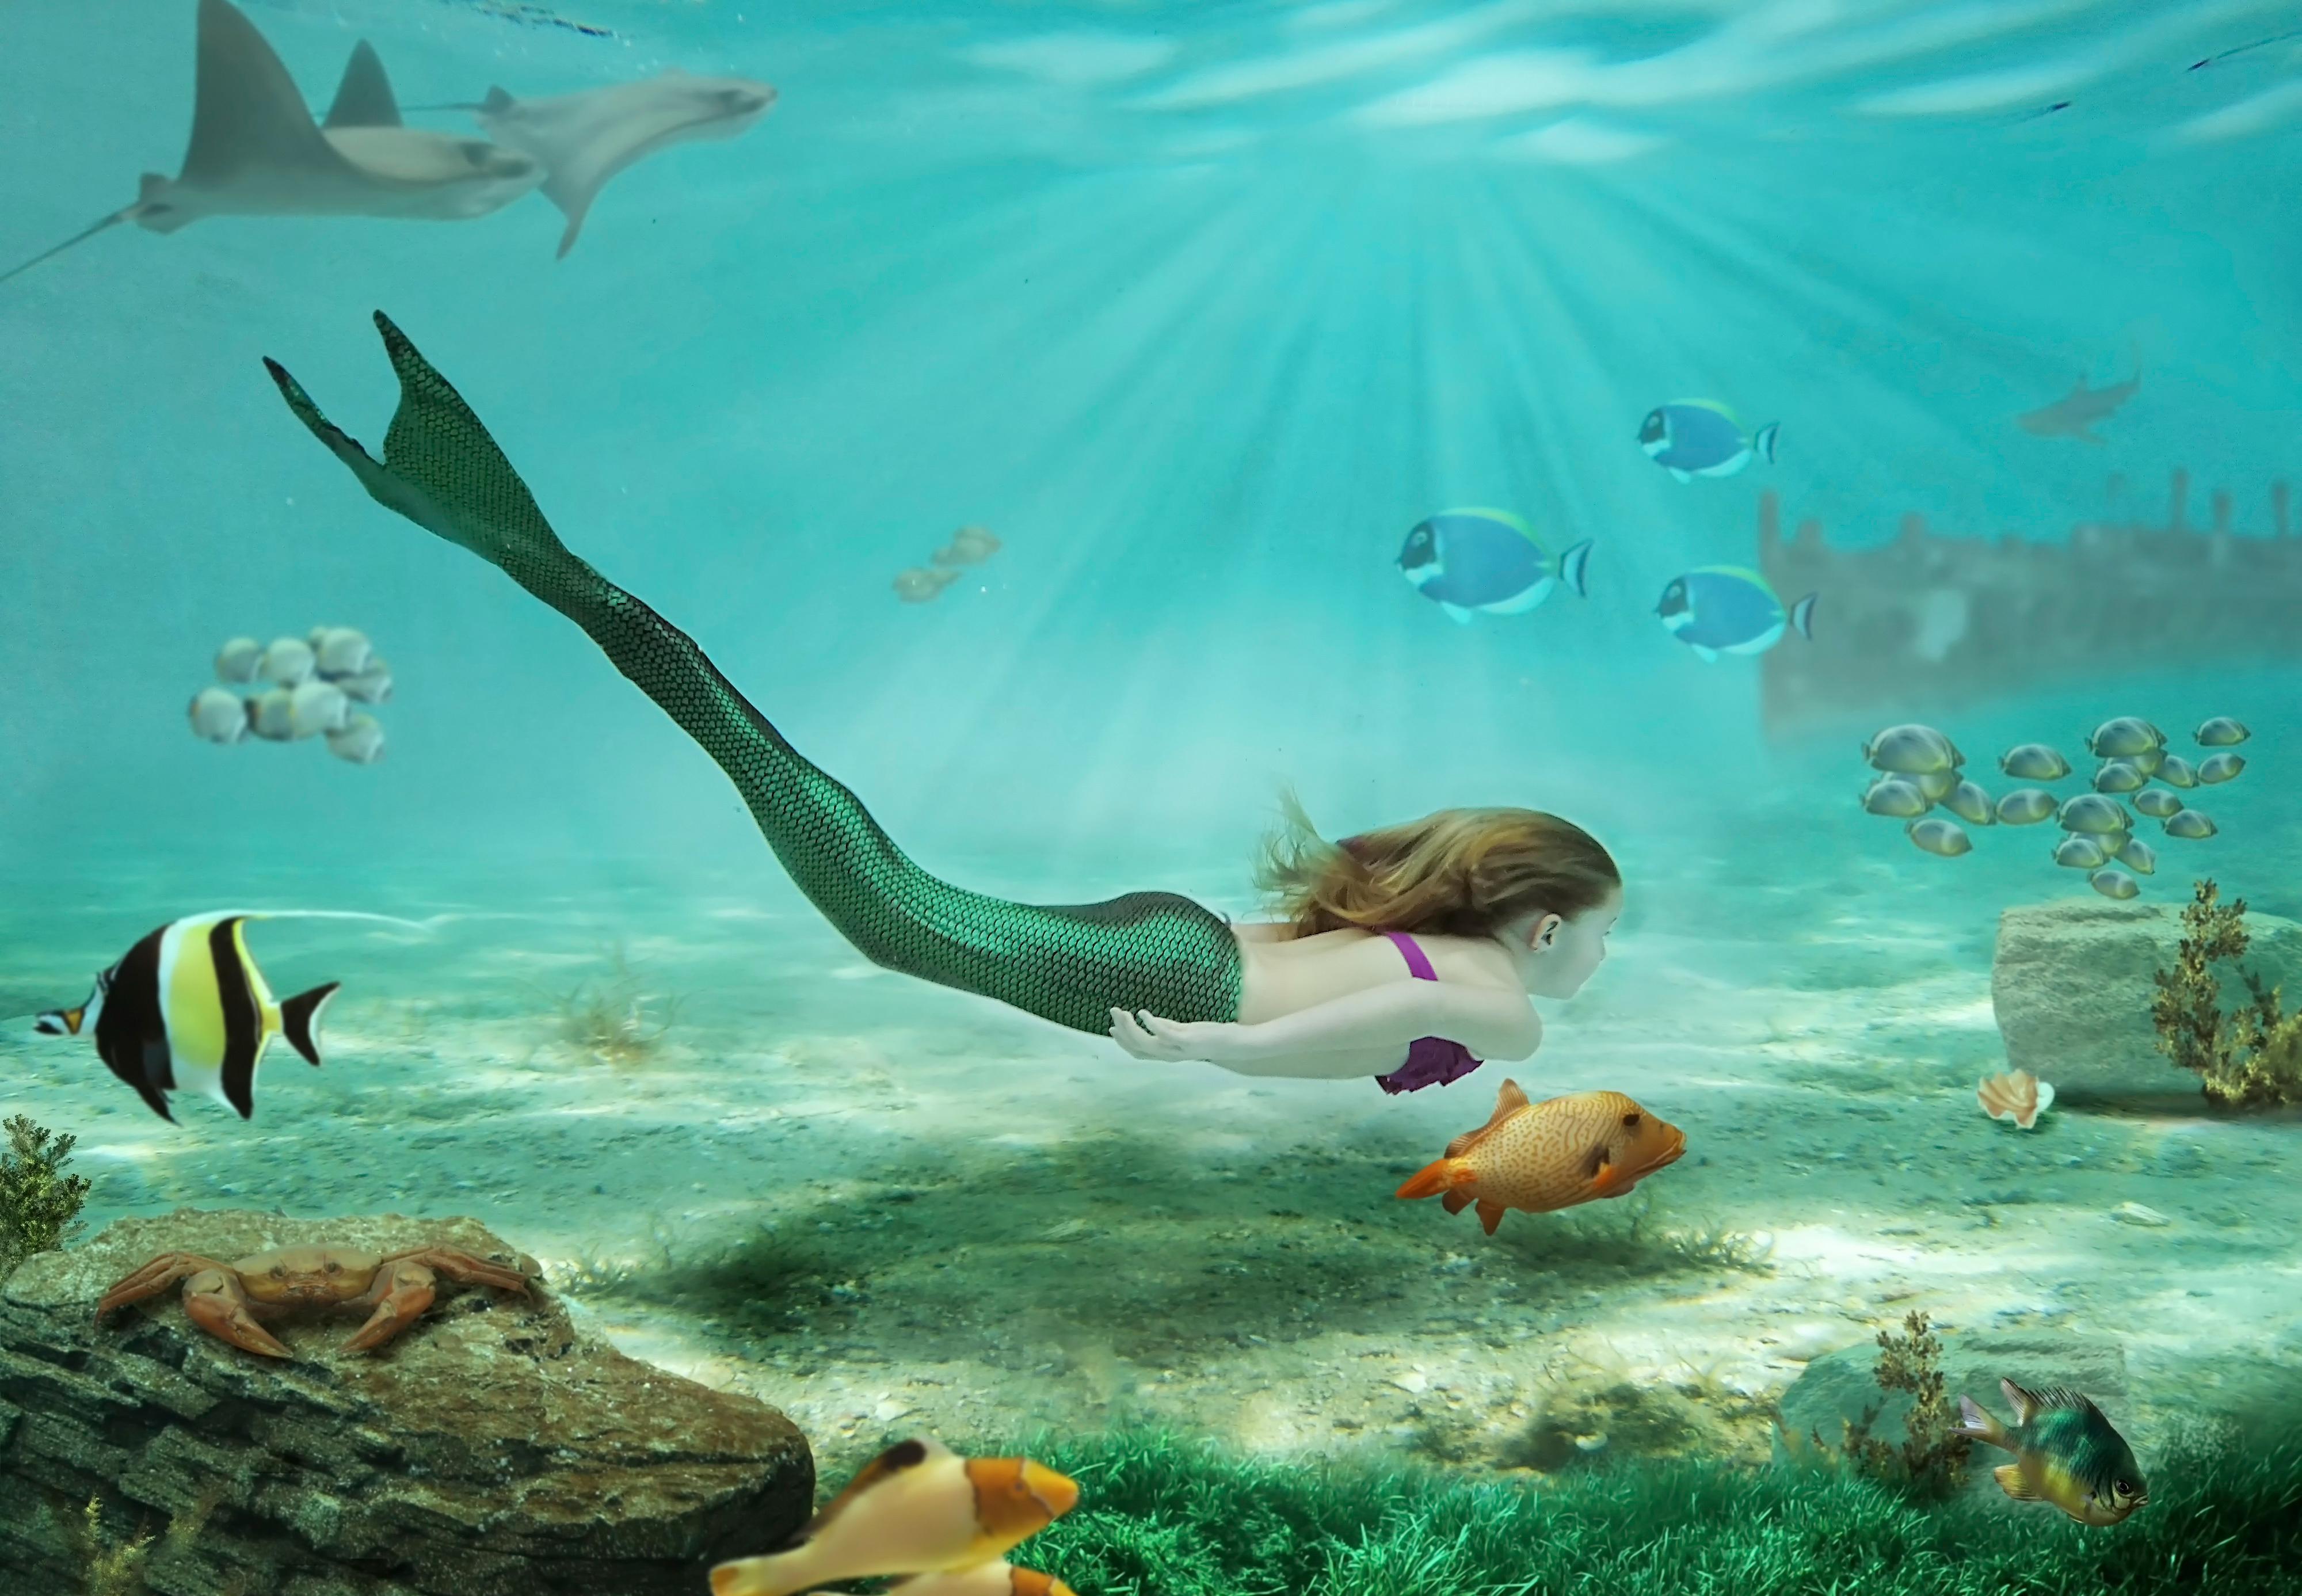 Underwater Mermaid Wallpaper